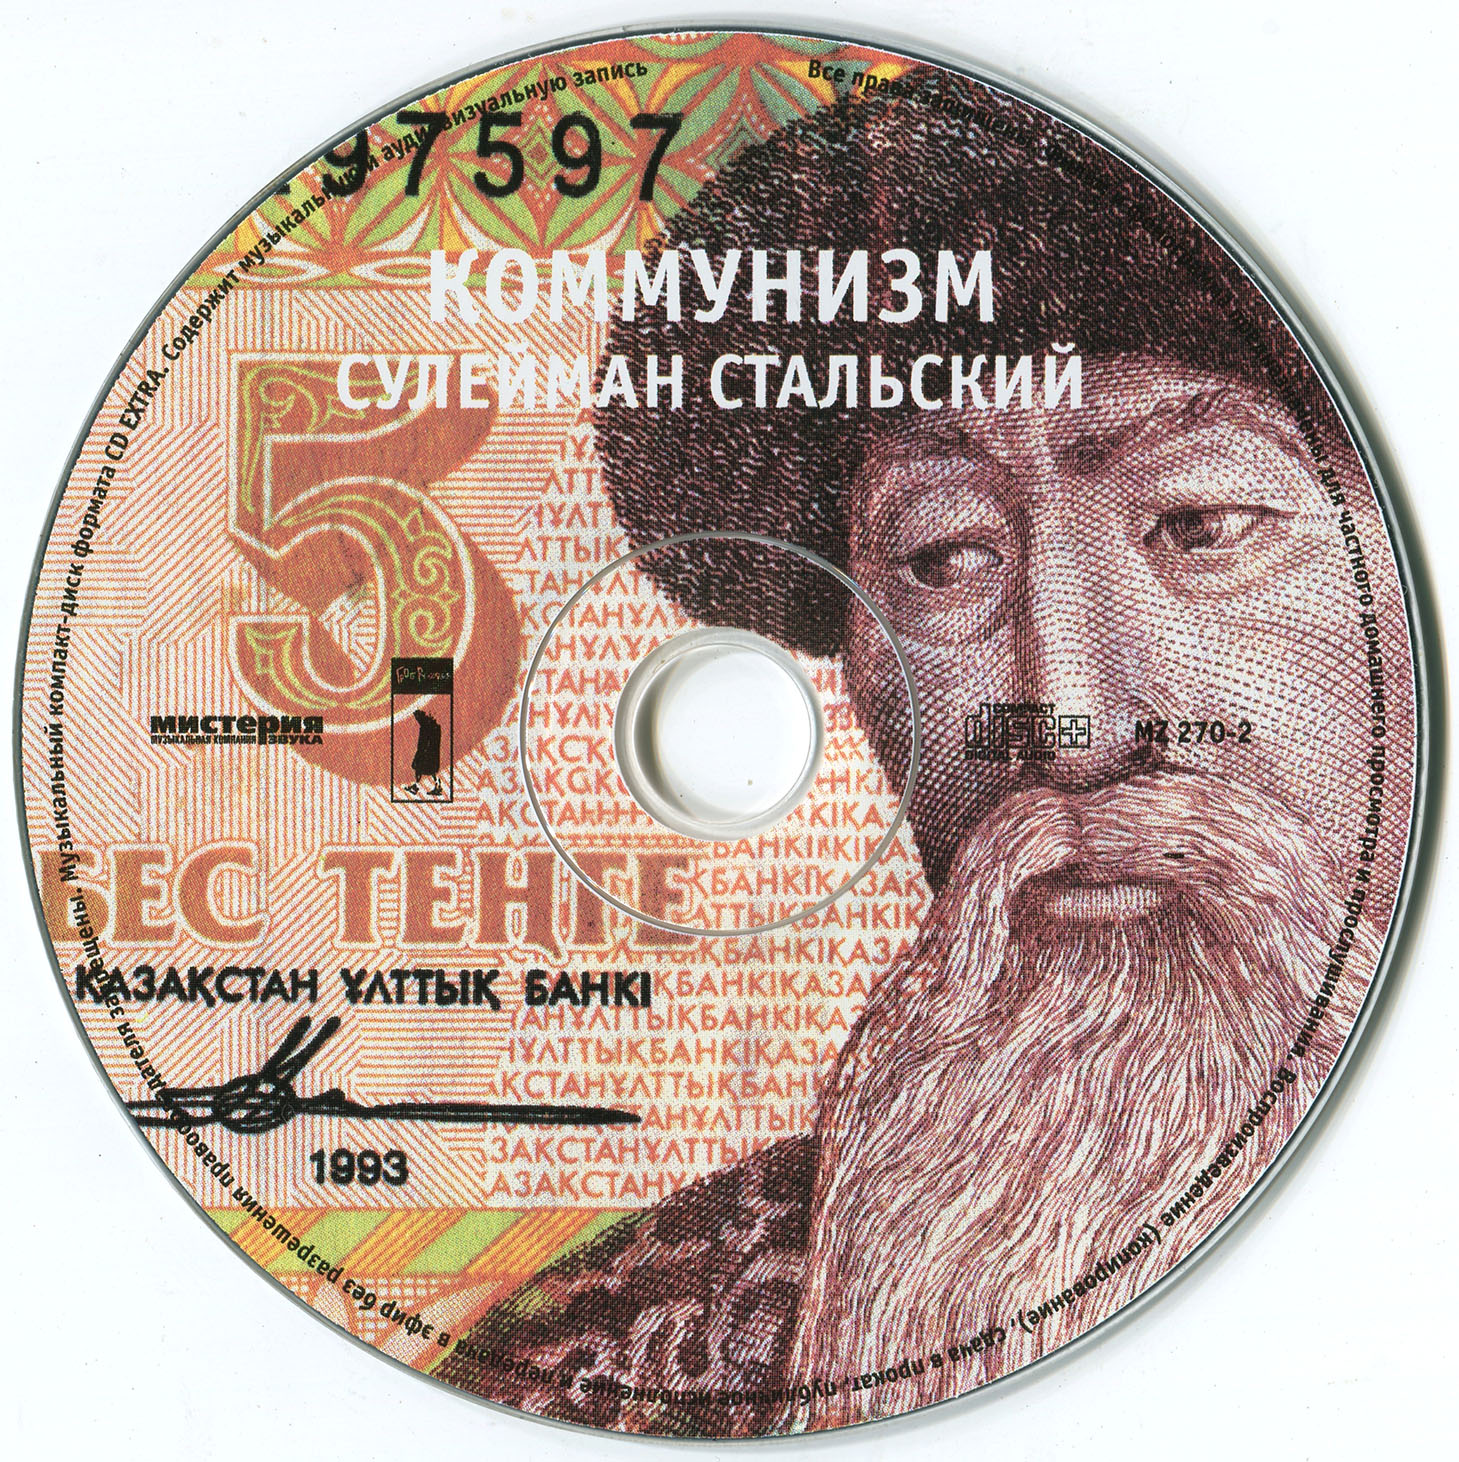 Коммунизм Сулейман Стальский